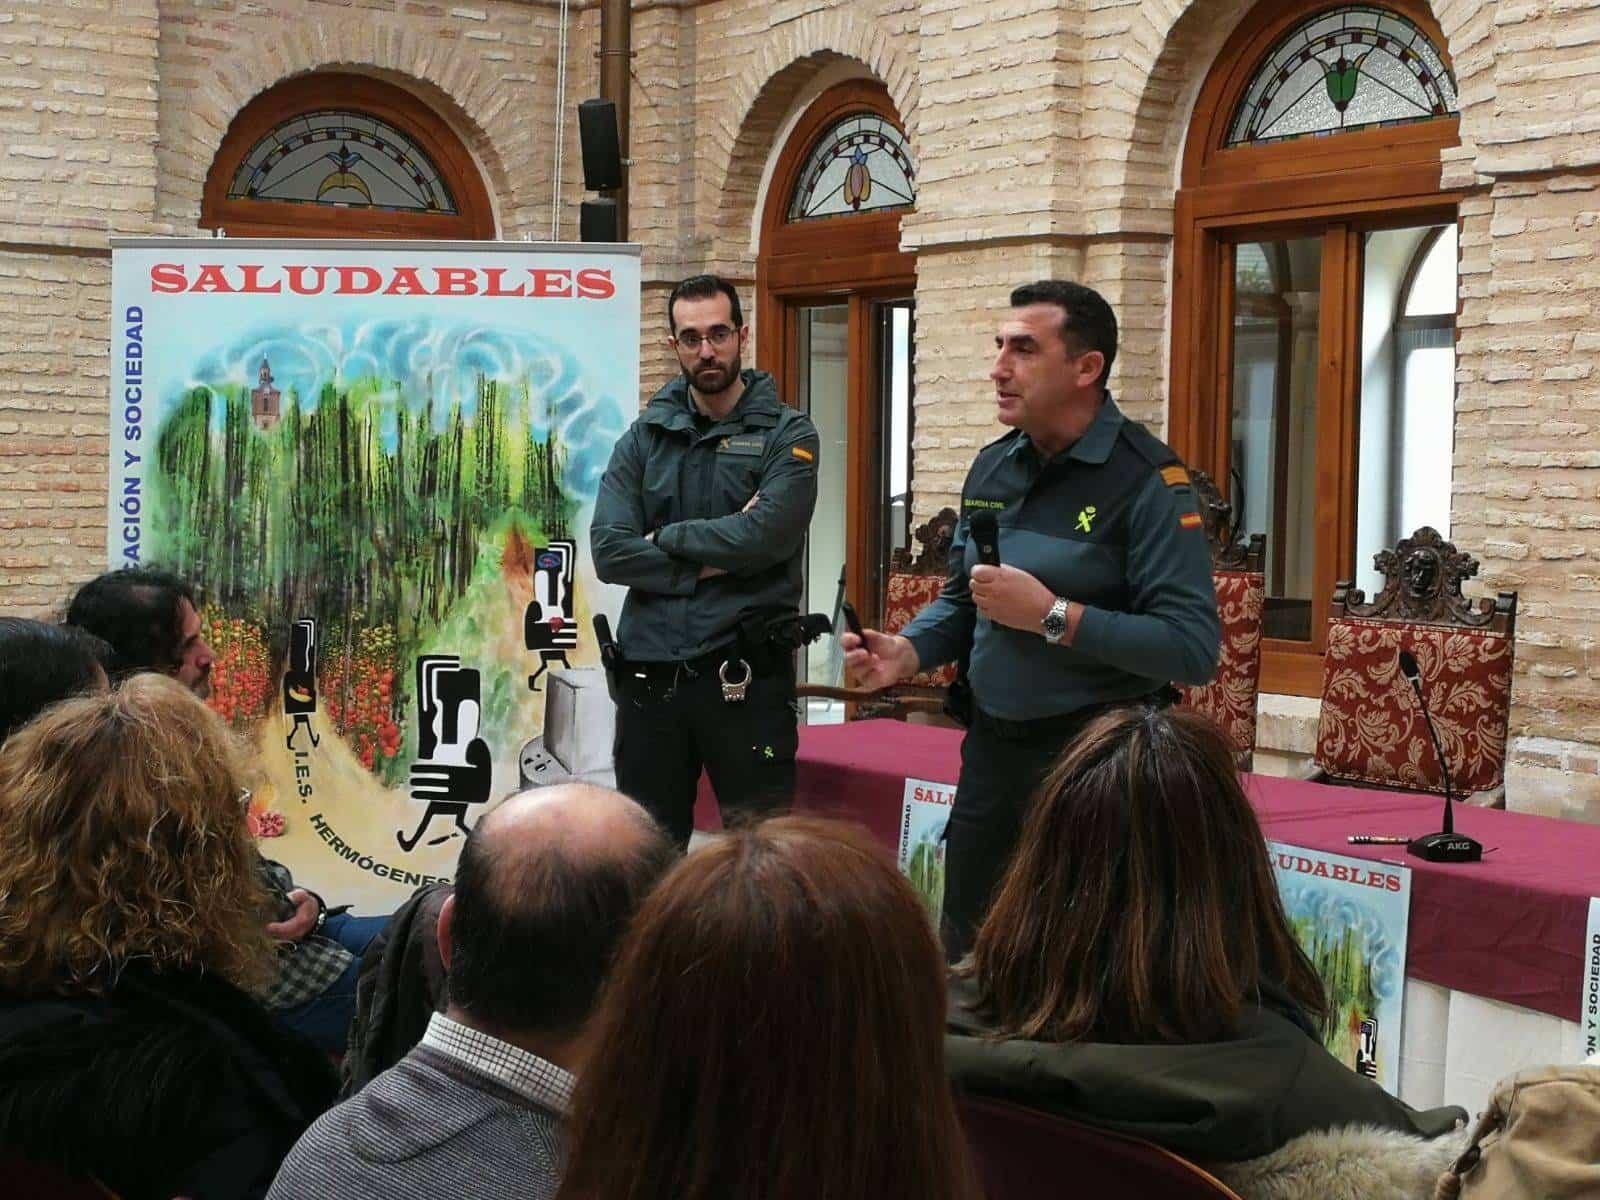 """guardia civil herencia - 4ª Jornada: XXII Jornadas de Educaciones y Sociedad """"Saludables"""""""